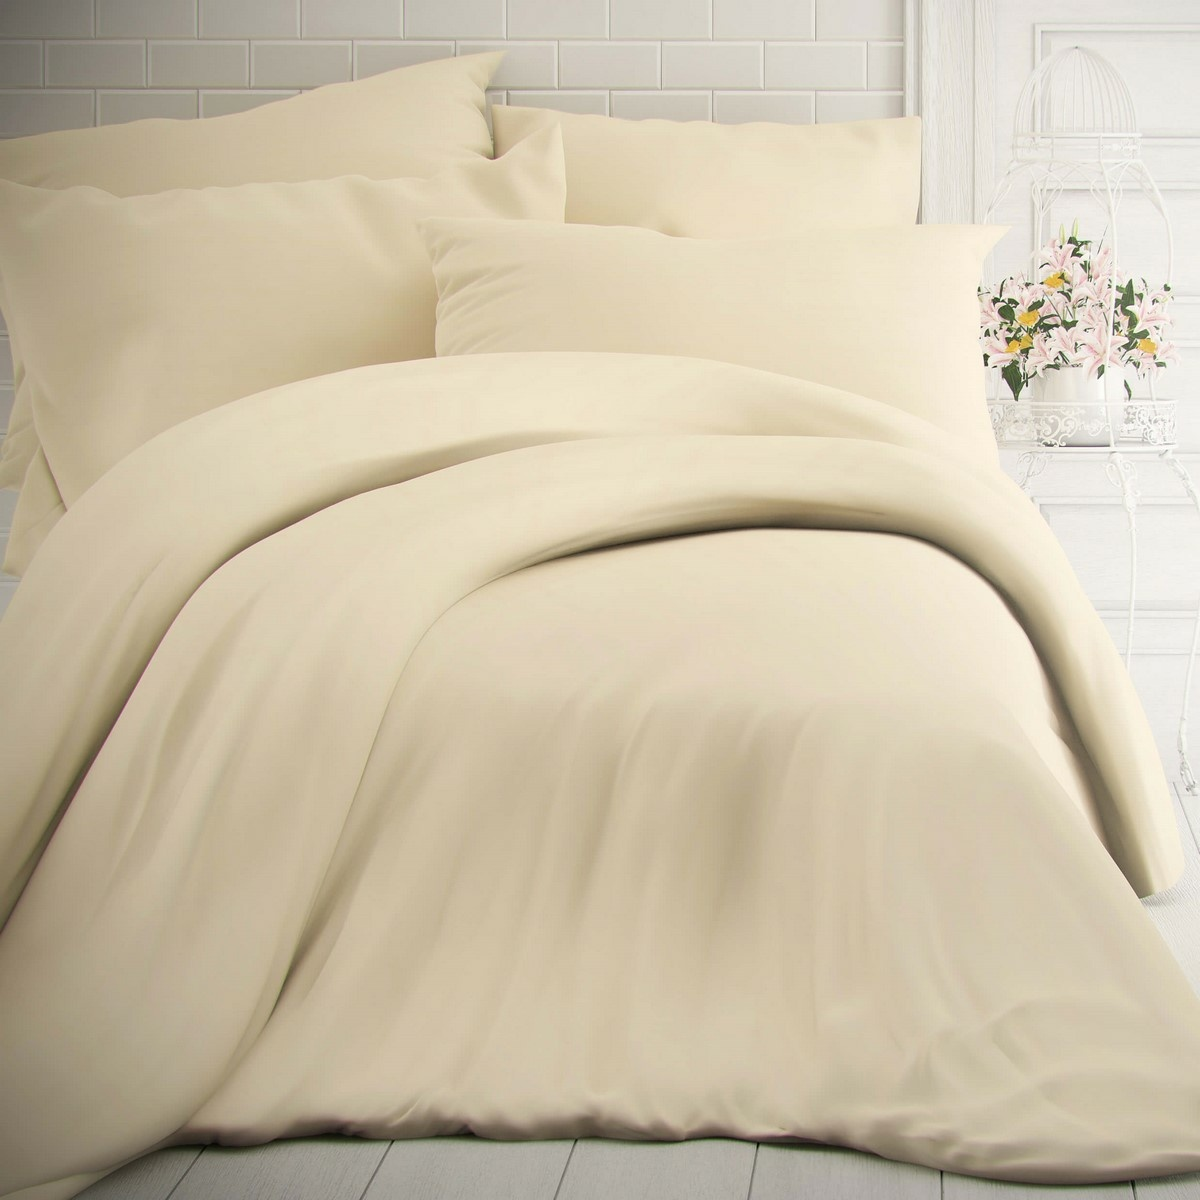 Kvalitex Bavlnené obliečky smotanová, 140 x 200 cm, 70 x 90 cm